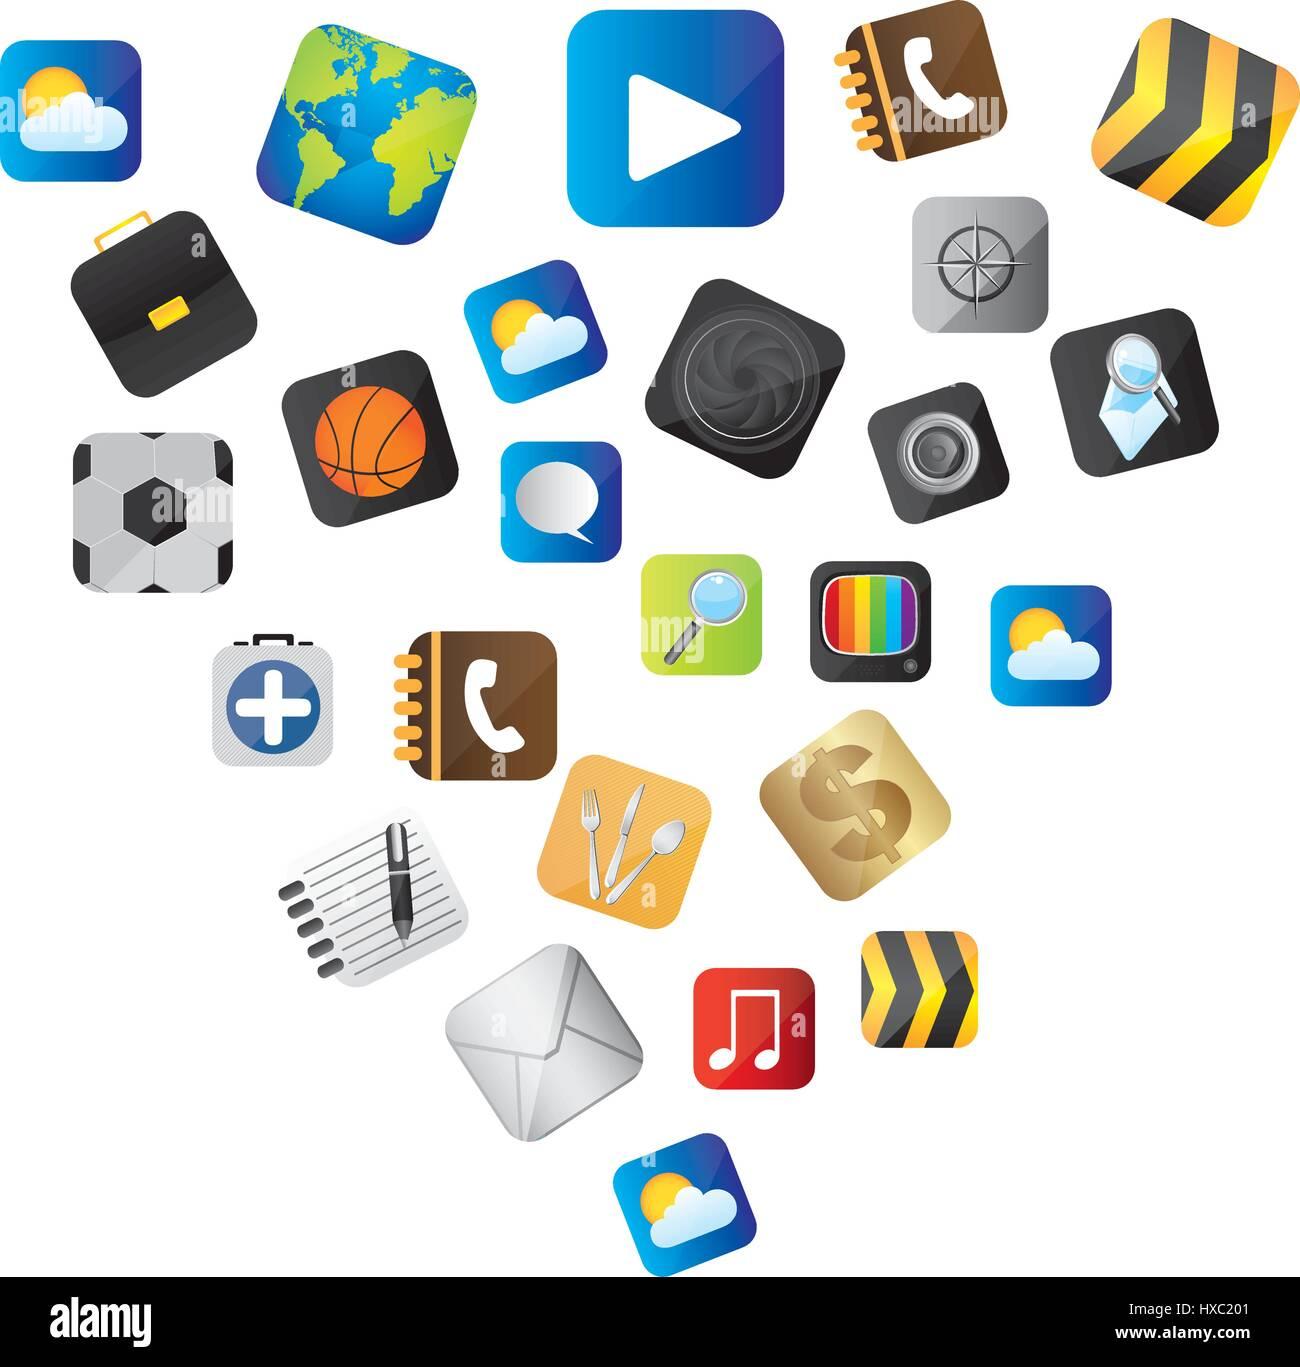 Definición de botones variedad comunicar los elementos globales Imagen De Stock